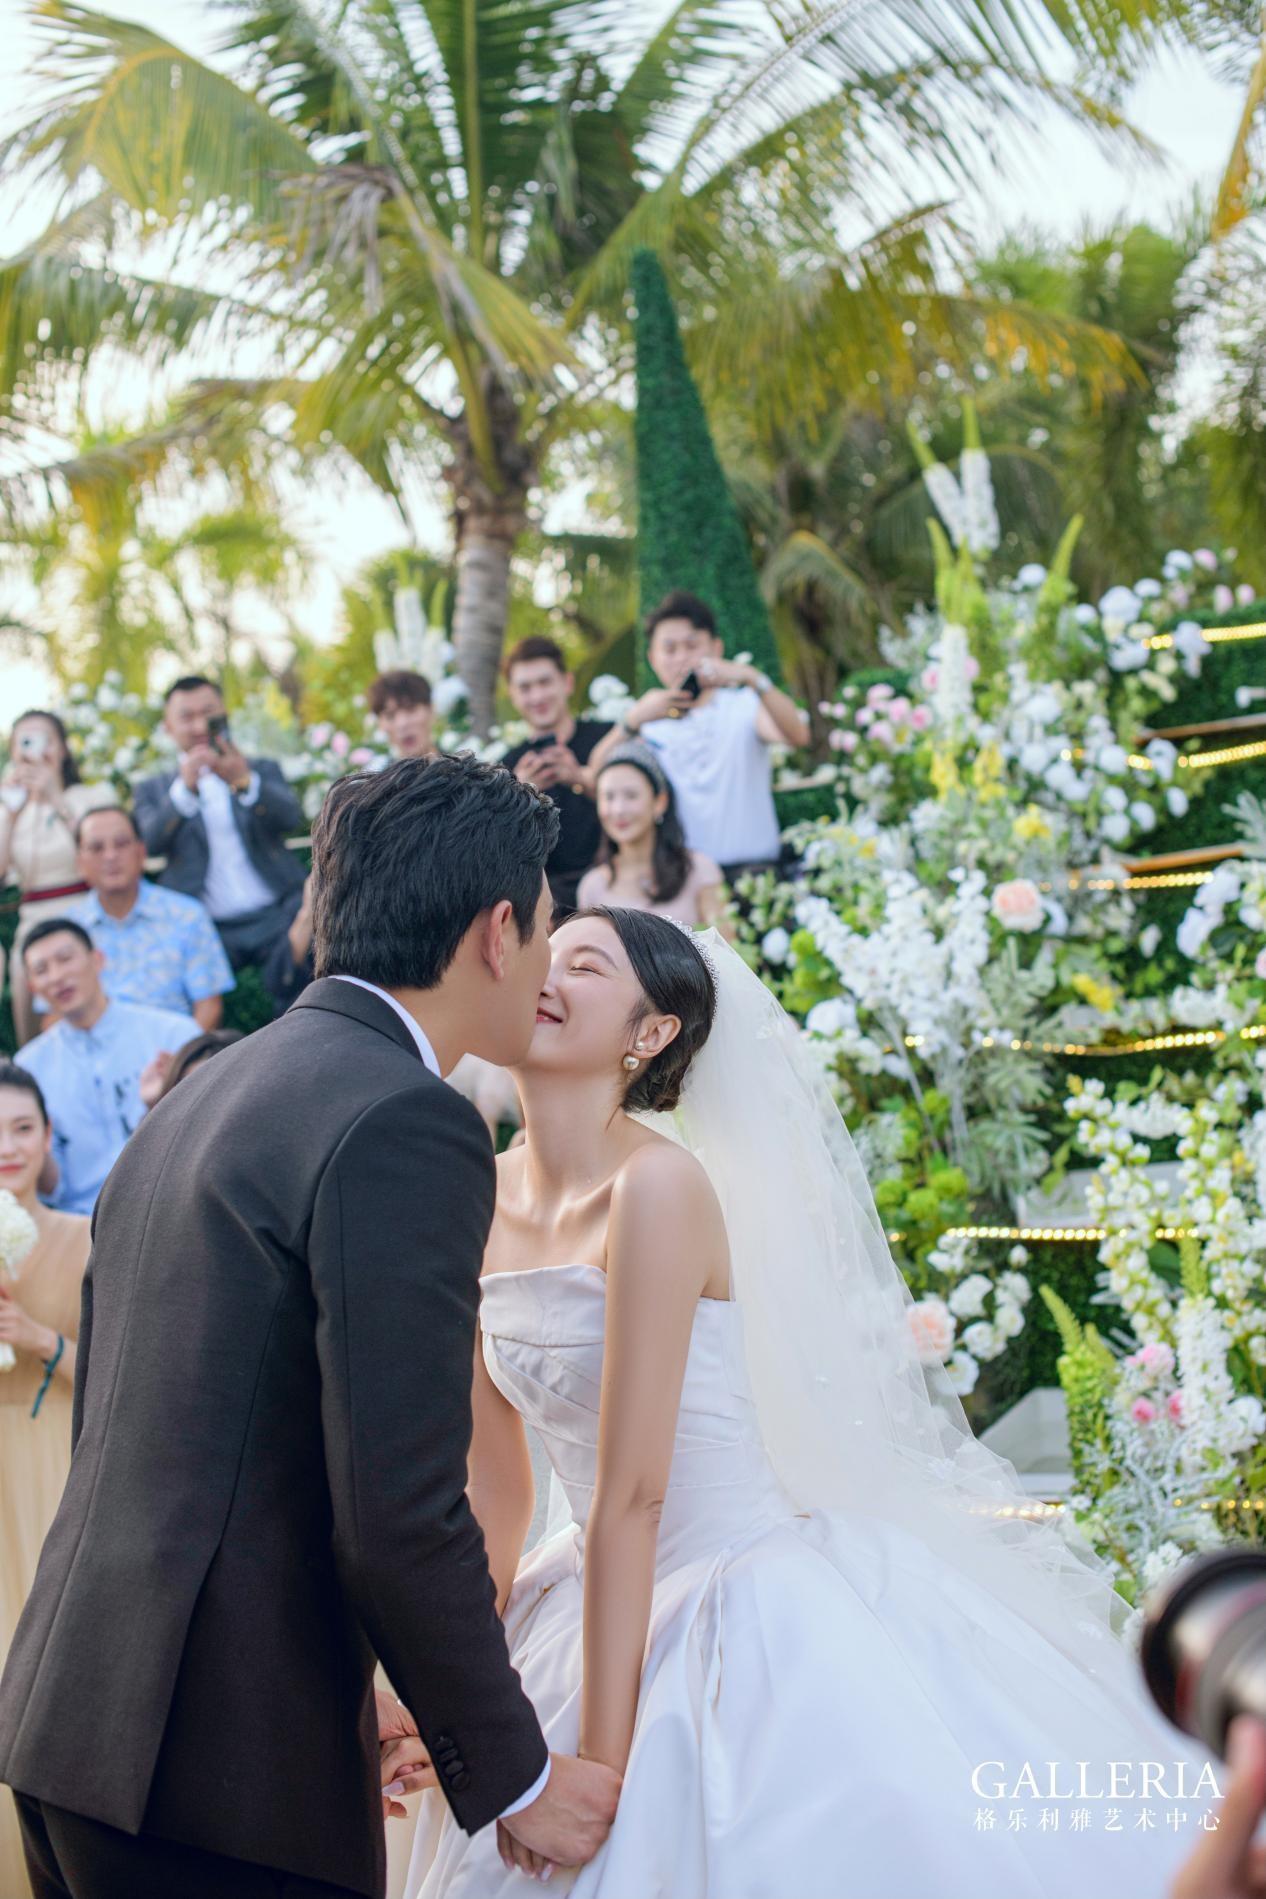 演员王彦霖海岛婚礼现场引关注,为何明星婚礼都选择了格乐利雅?